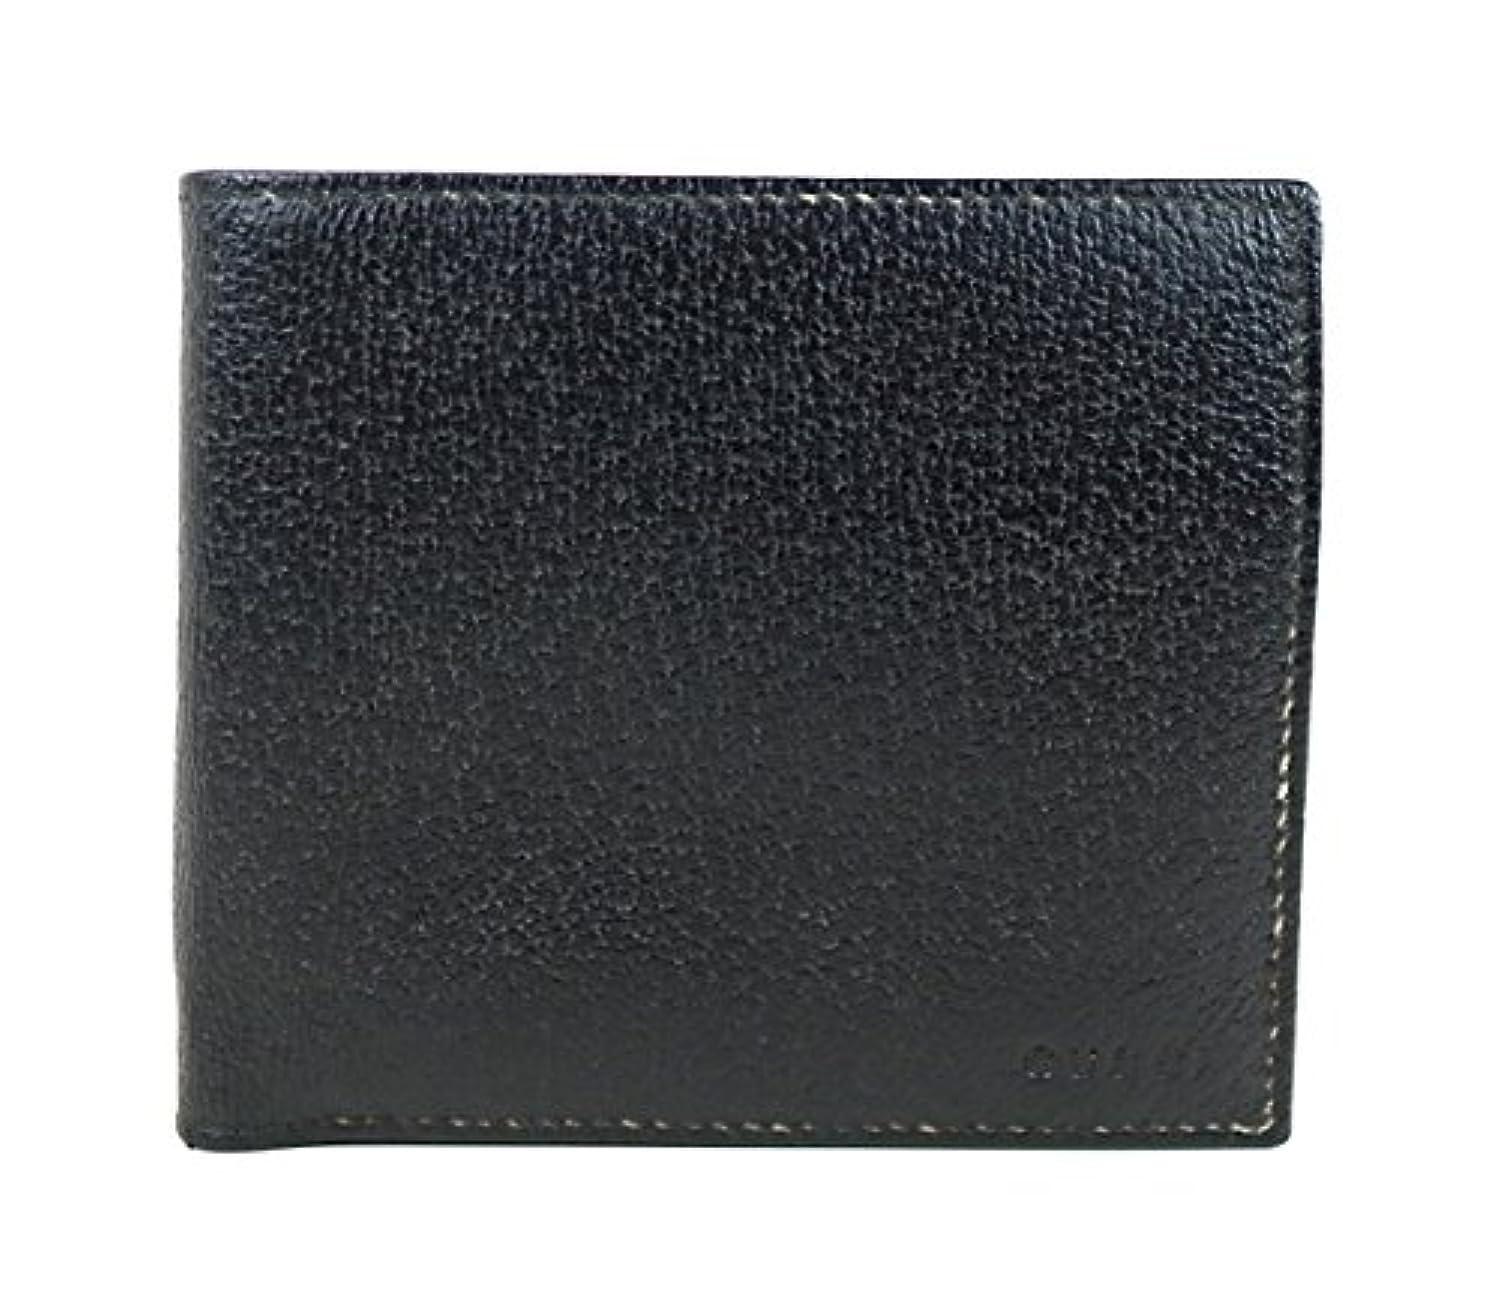 いっぱいひねくれた同情(グッチ) GUCCI  二つ折り財布 メンズ 黒  f361 [中古]